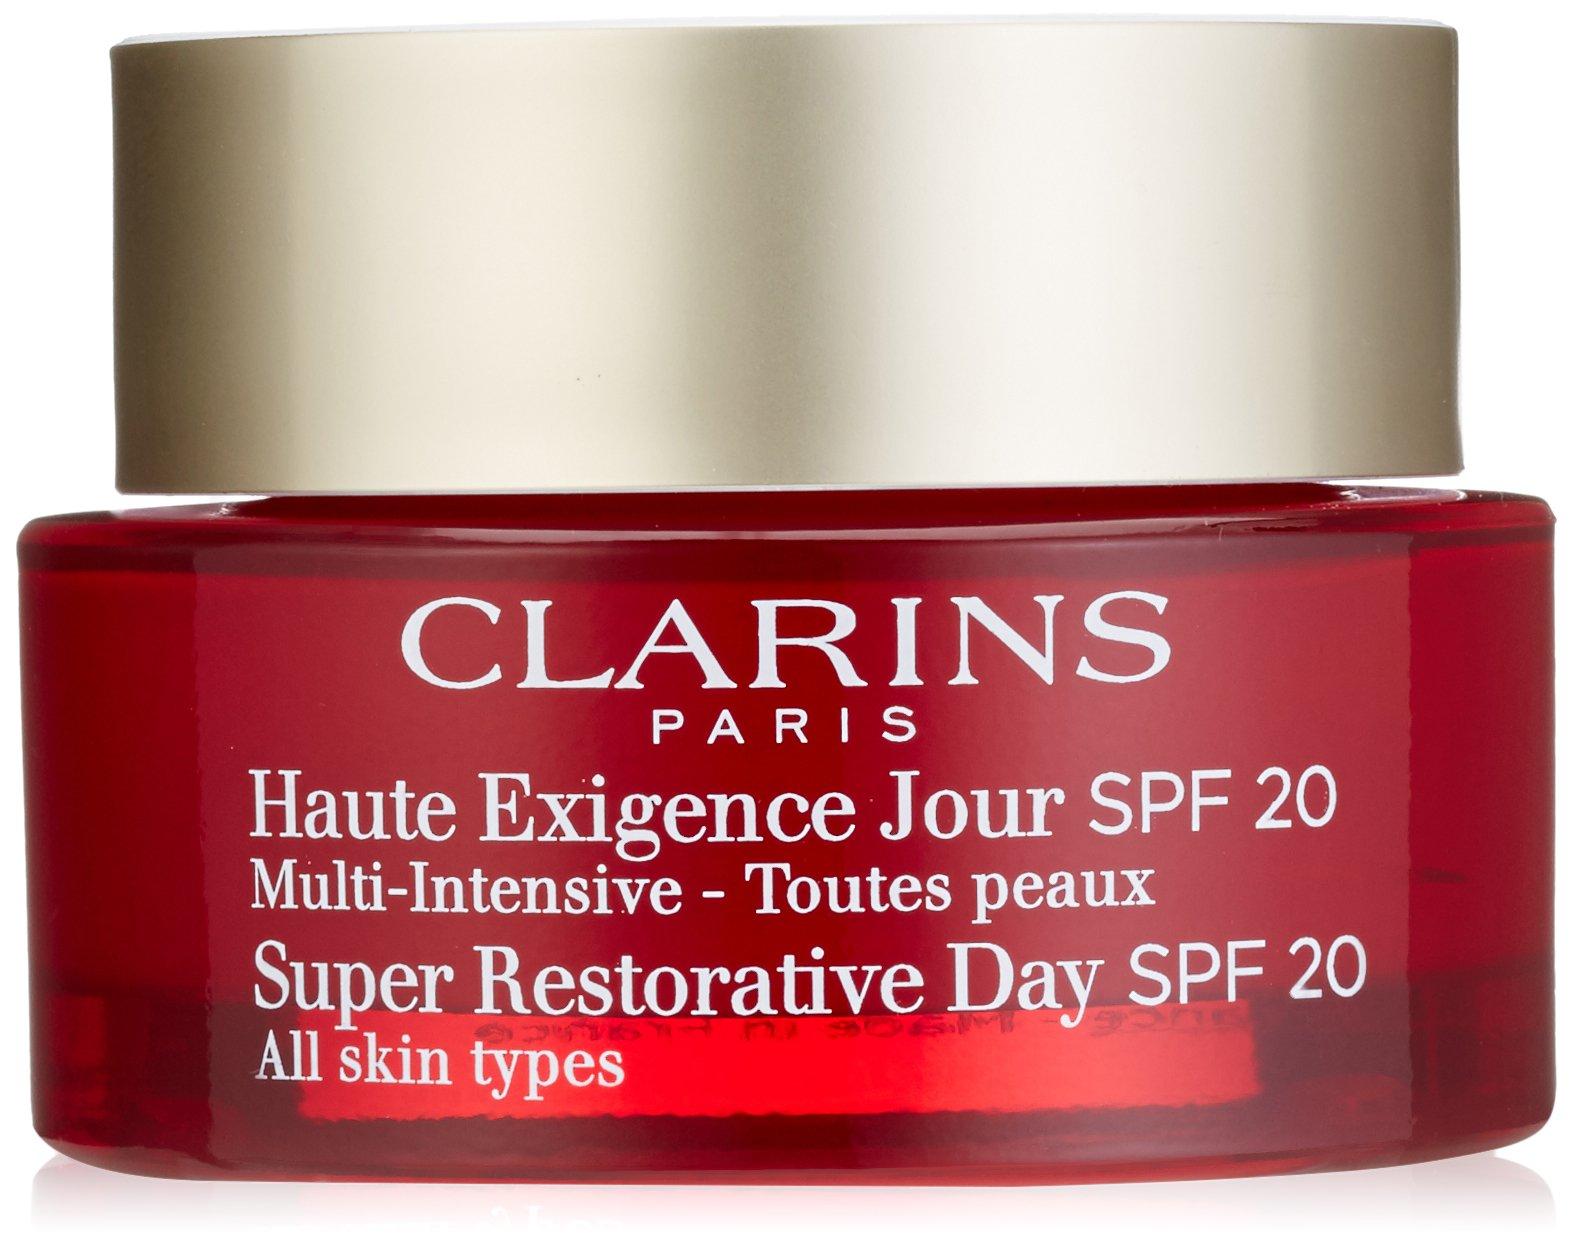 Clarins Super Restorative Day Cream SPF 20, 1.7 Ounce